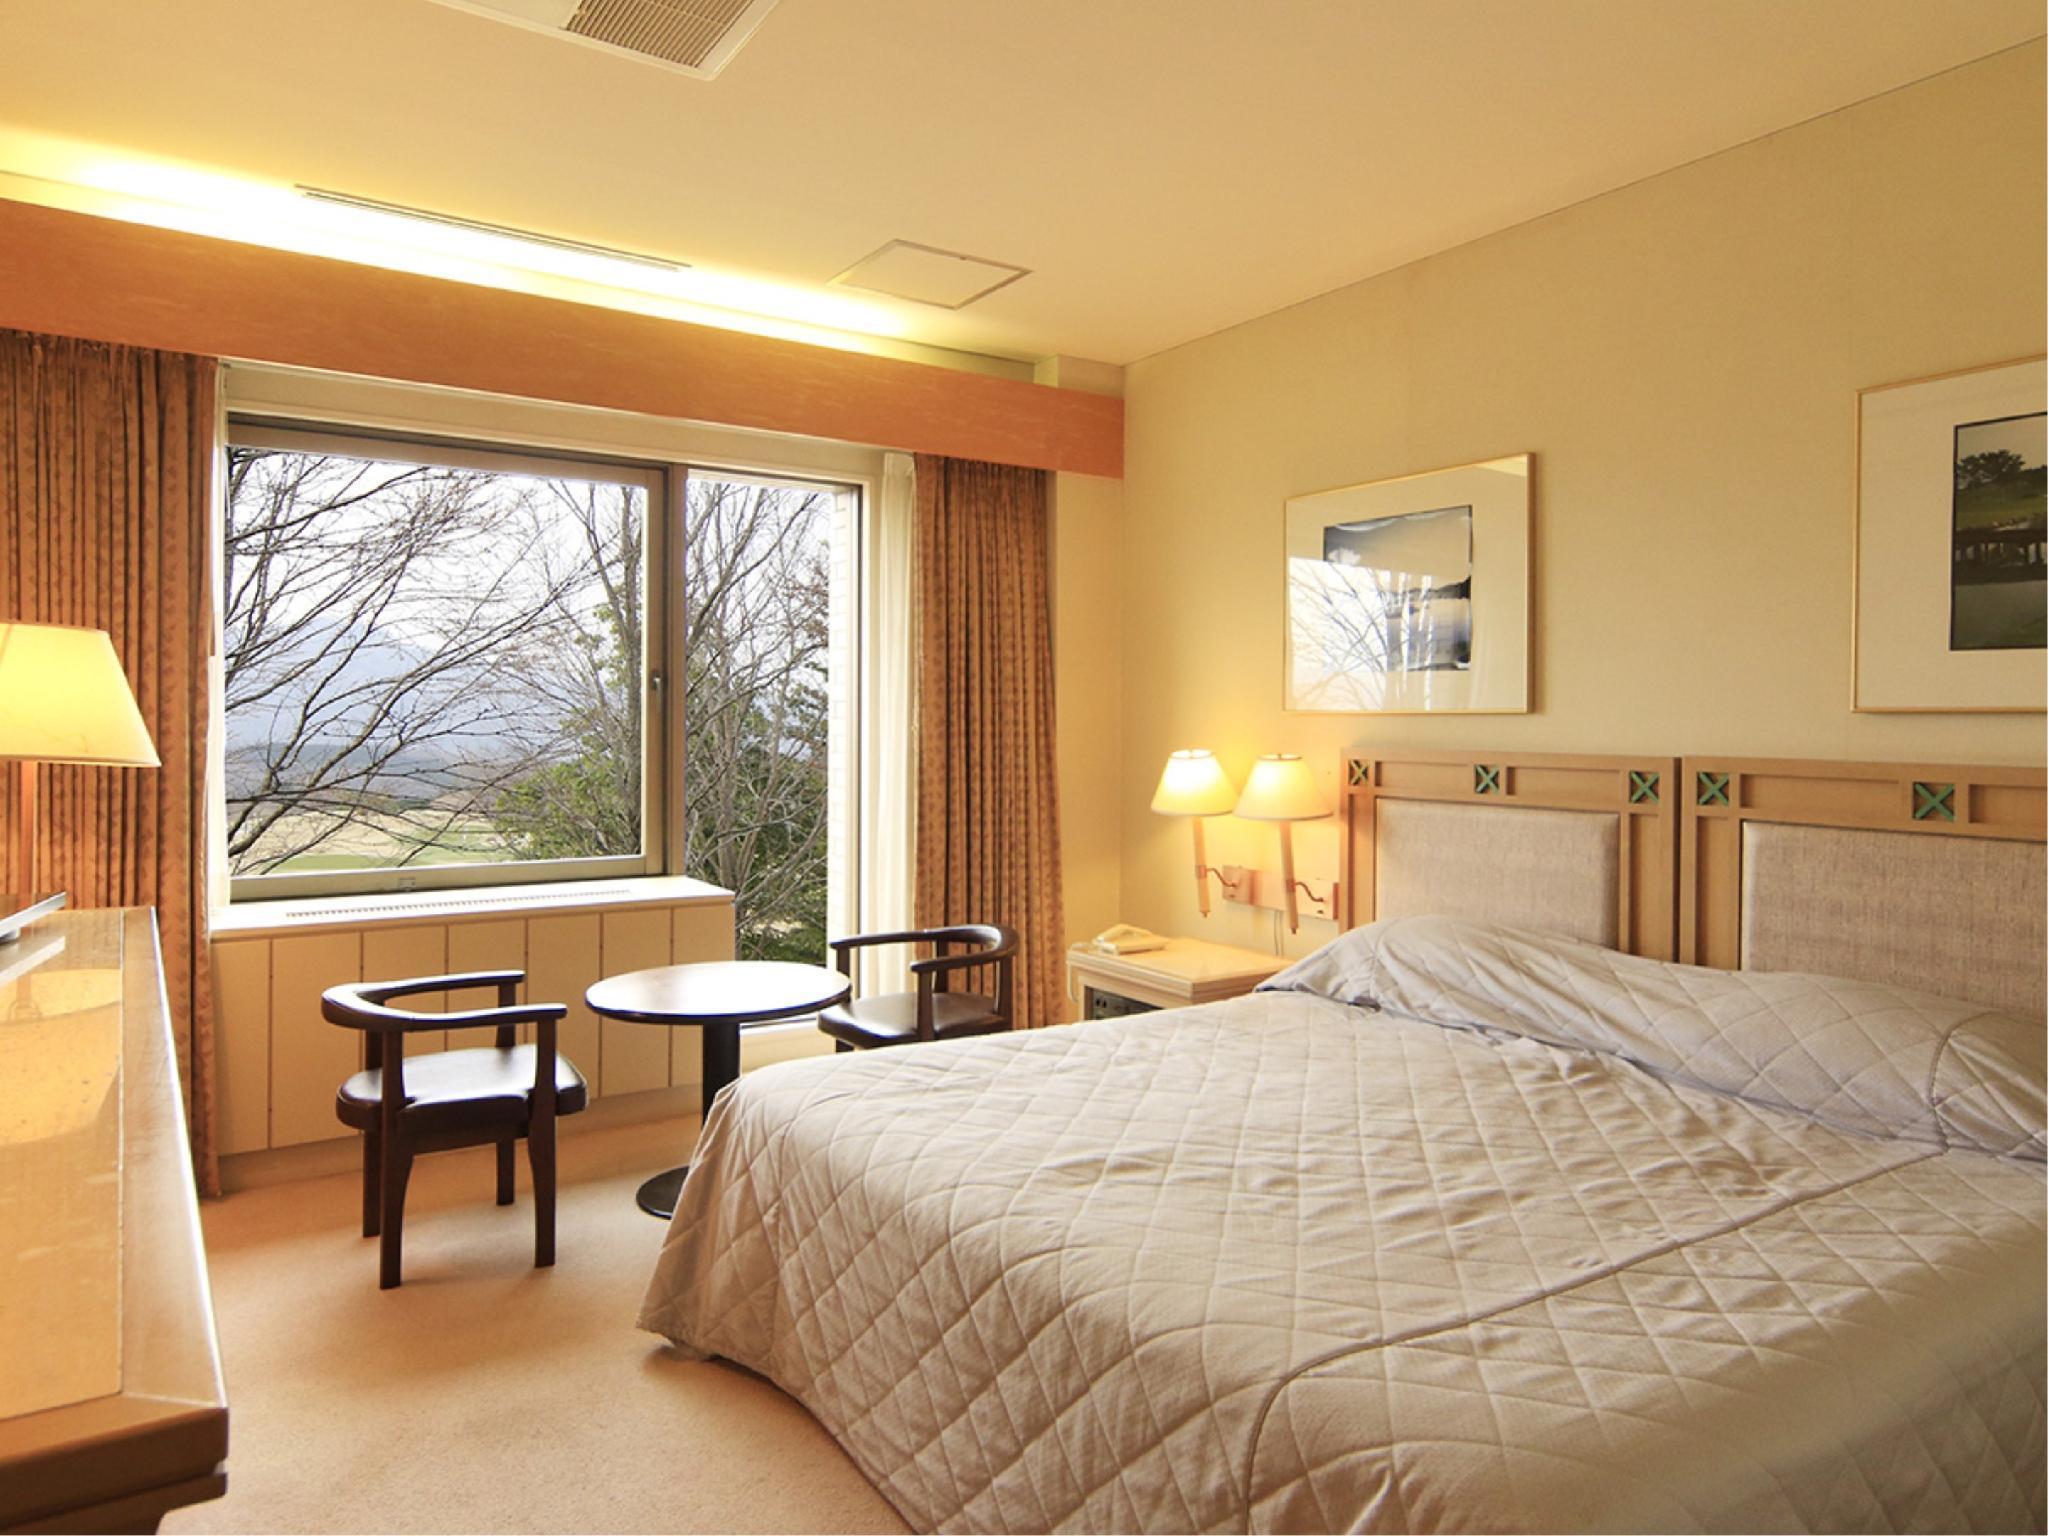 Sai-no-mori Country Club Hotel Chichibu, Chichibu